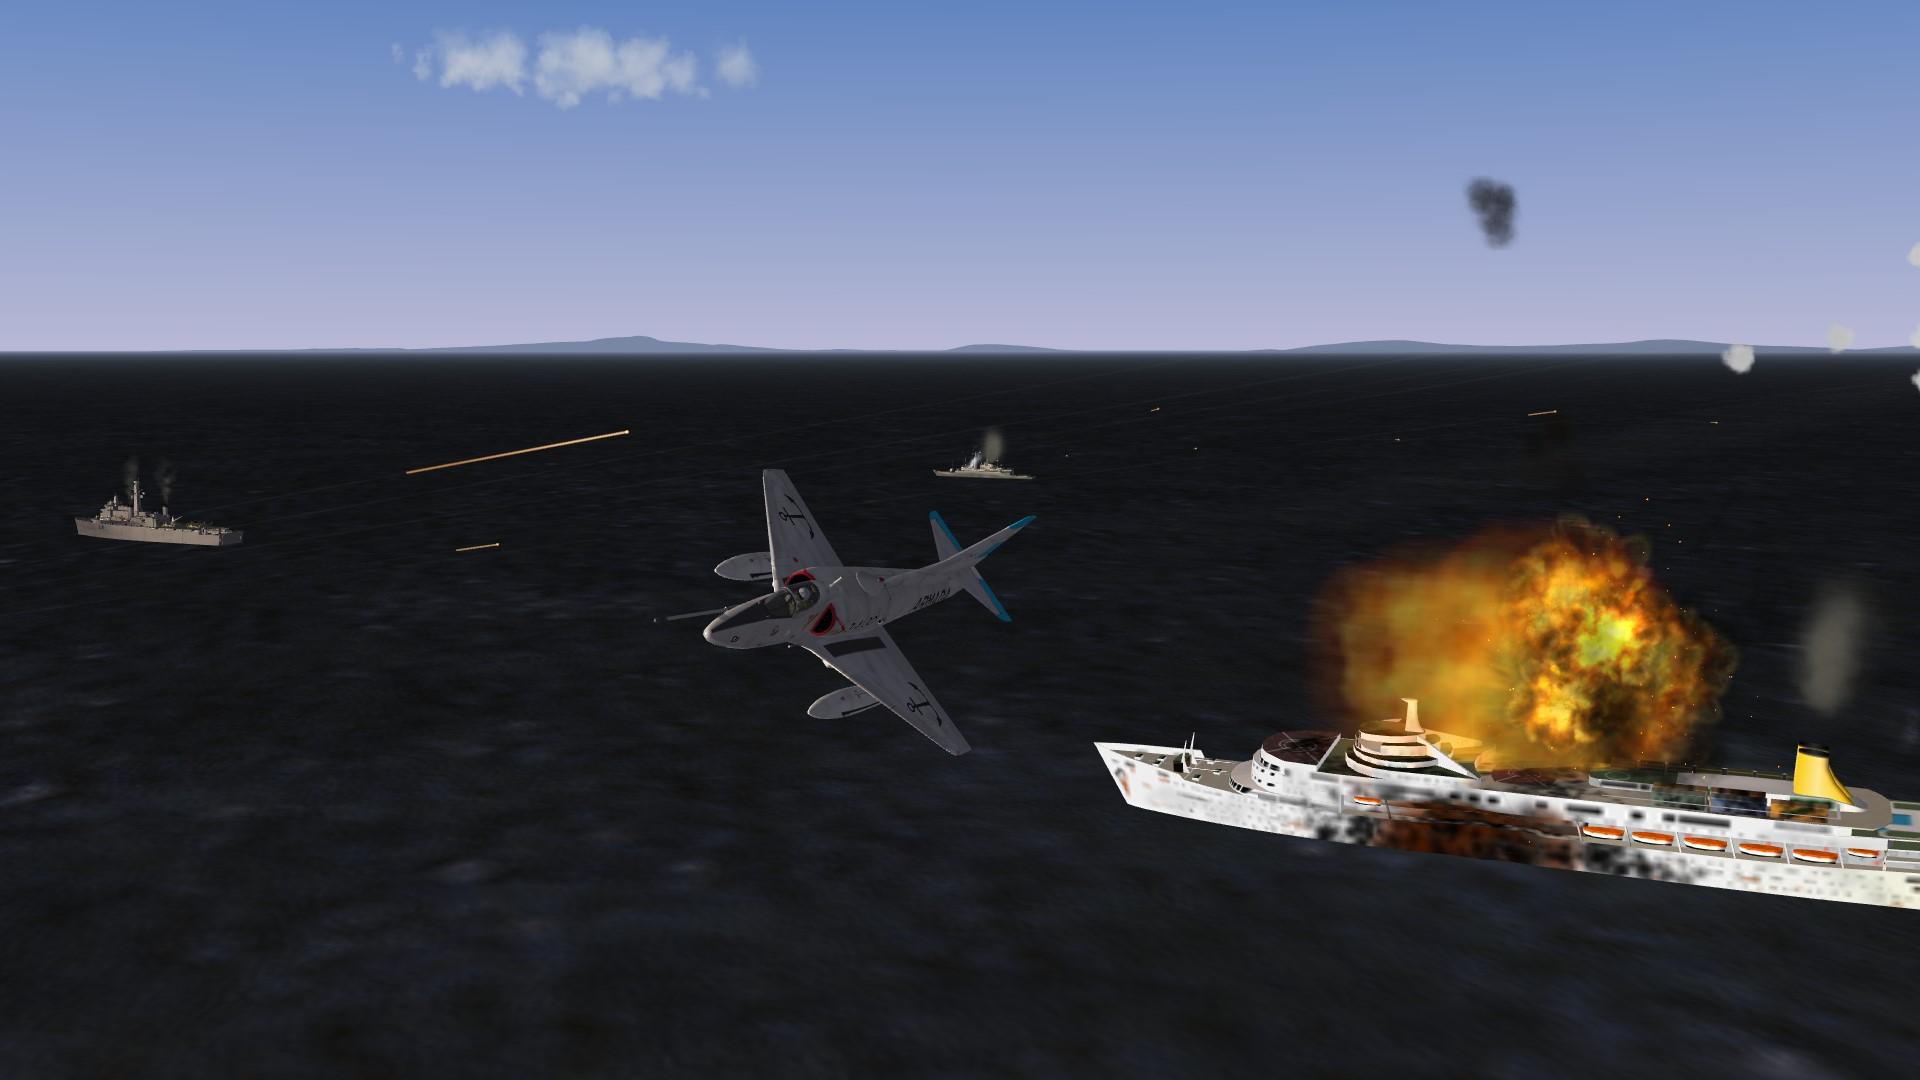 A4Q Skyhawk Target hit